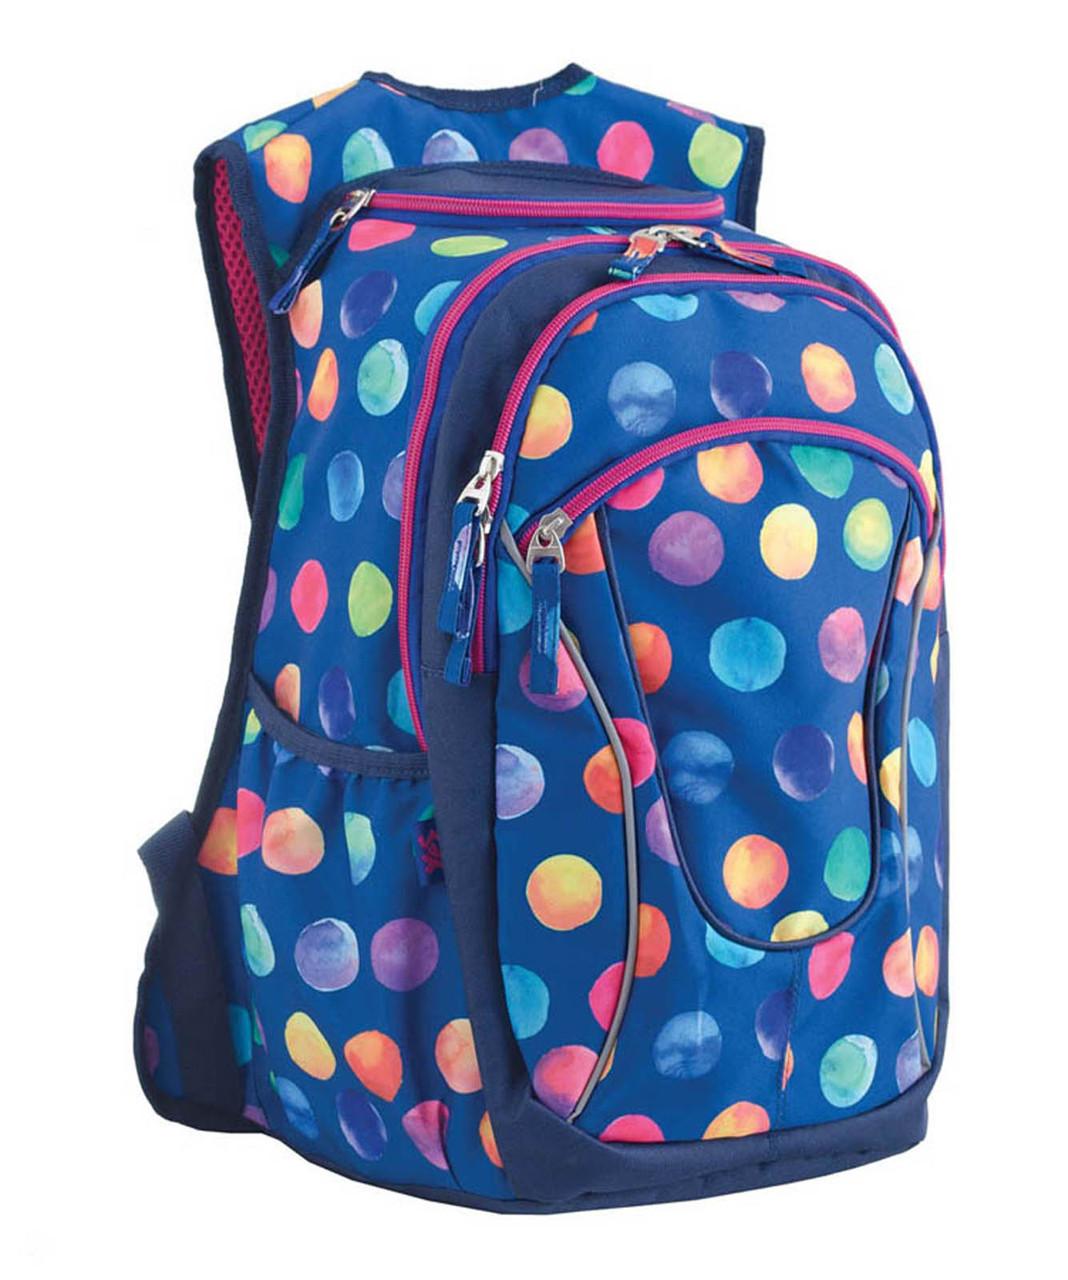 Рюкзак подростковый YES T -29 Ball, 40*25.5*20 553148